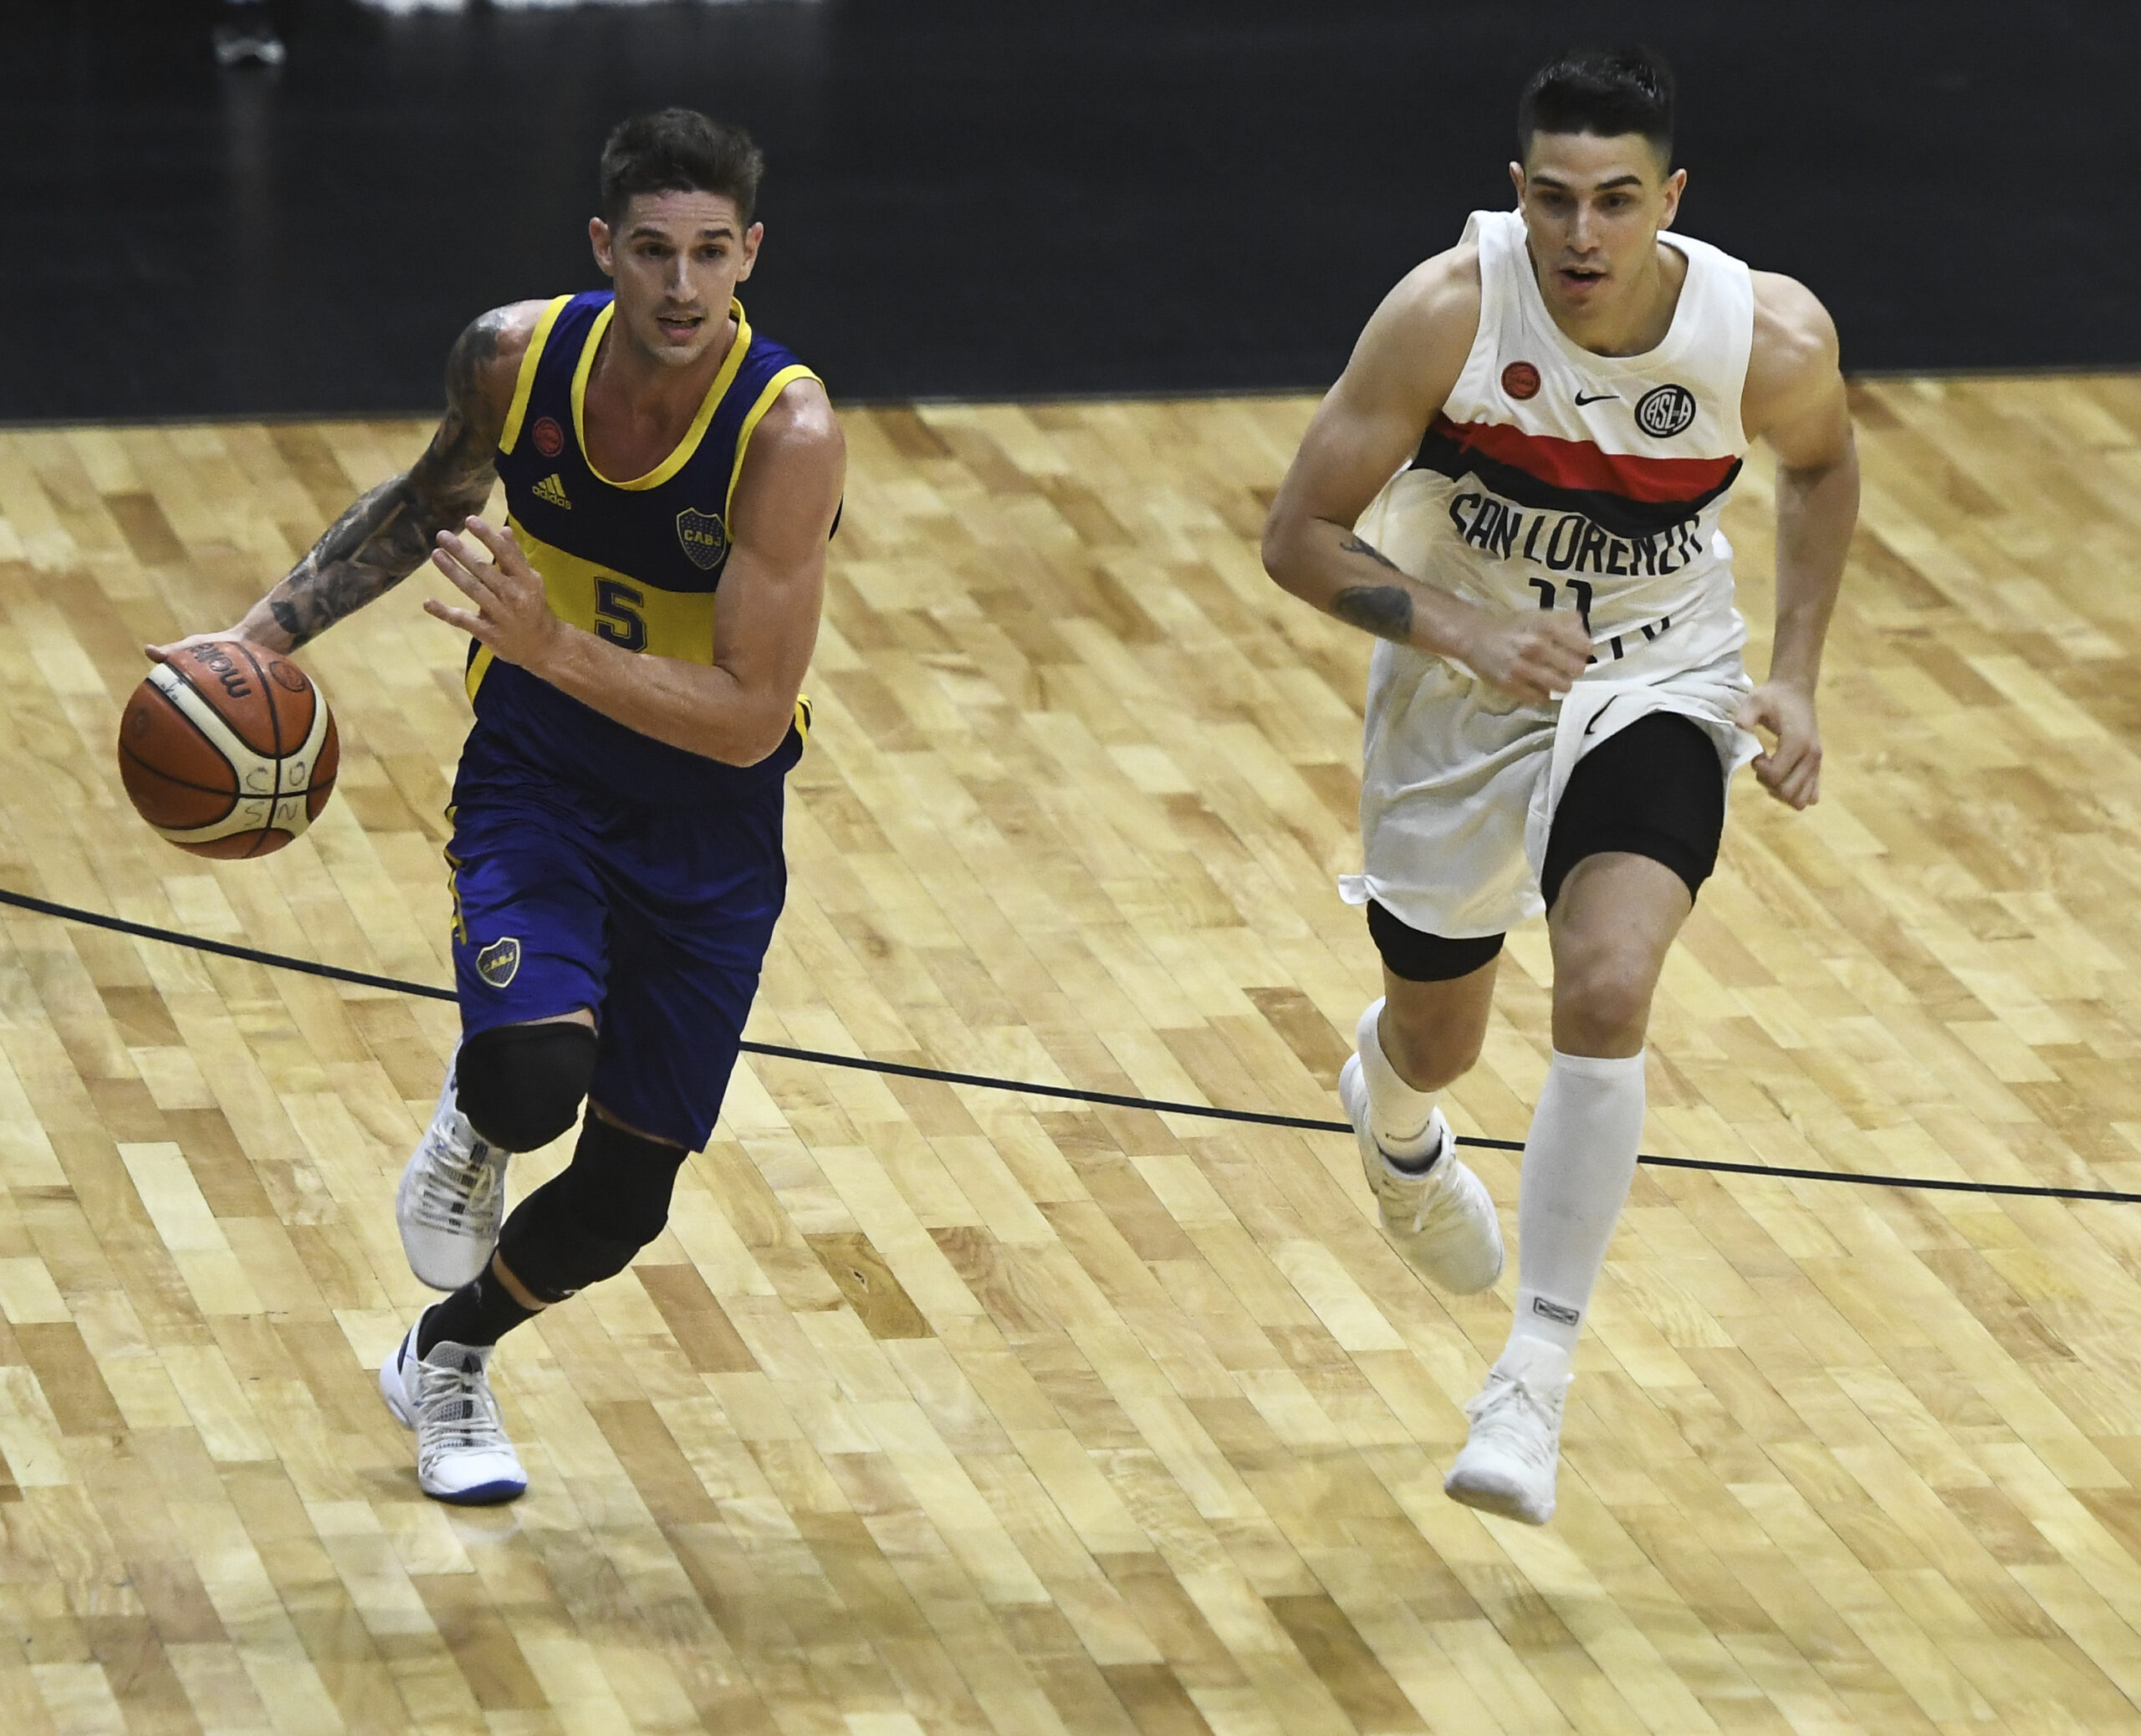 Nicolás De Los Santos boca basquet liga nacional